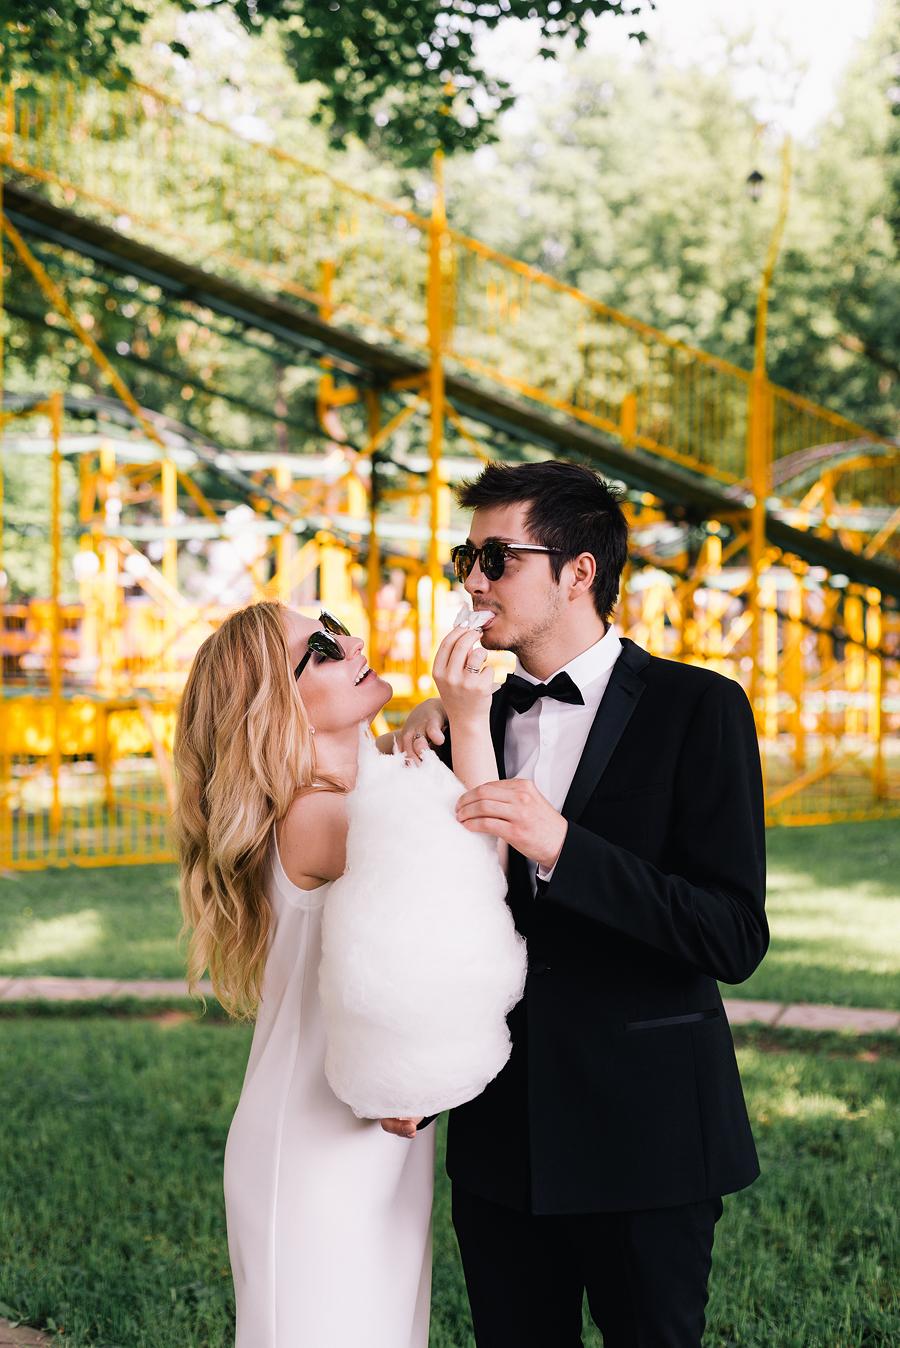 свадьба в парке аттракционов